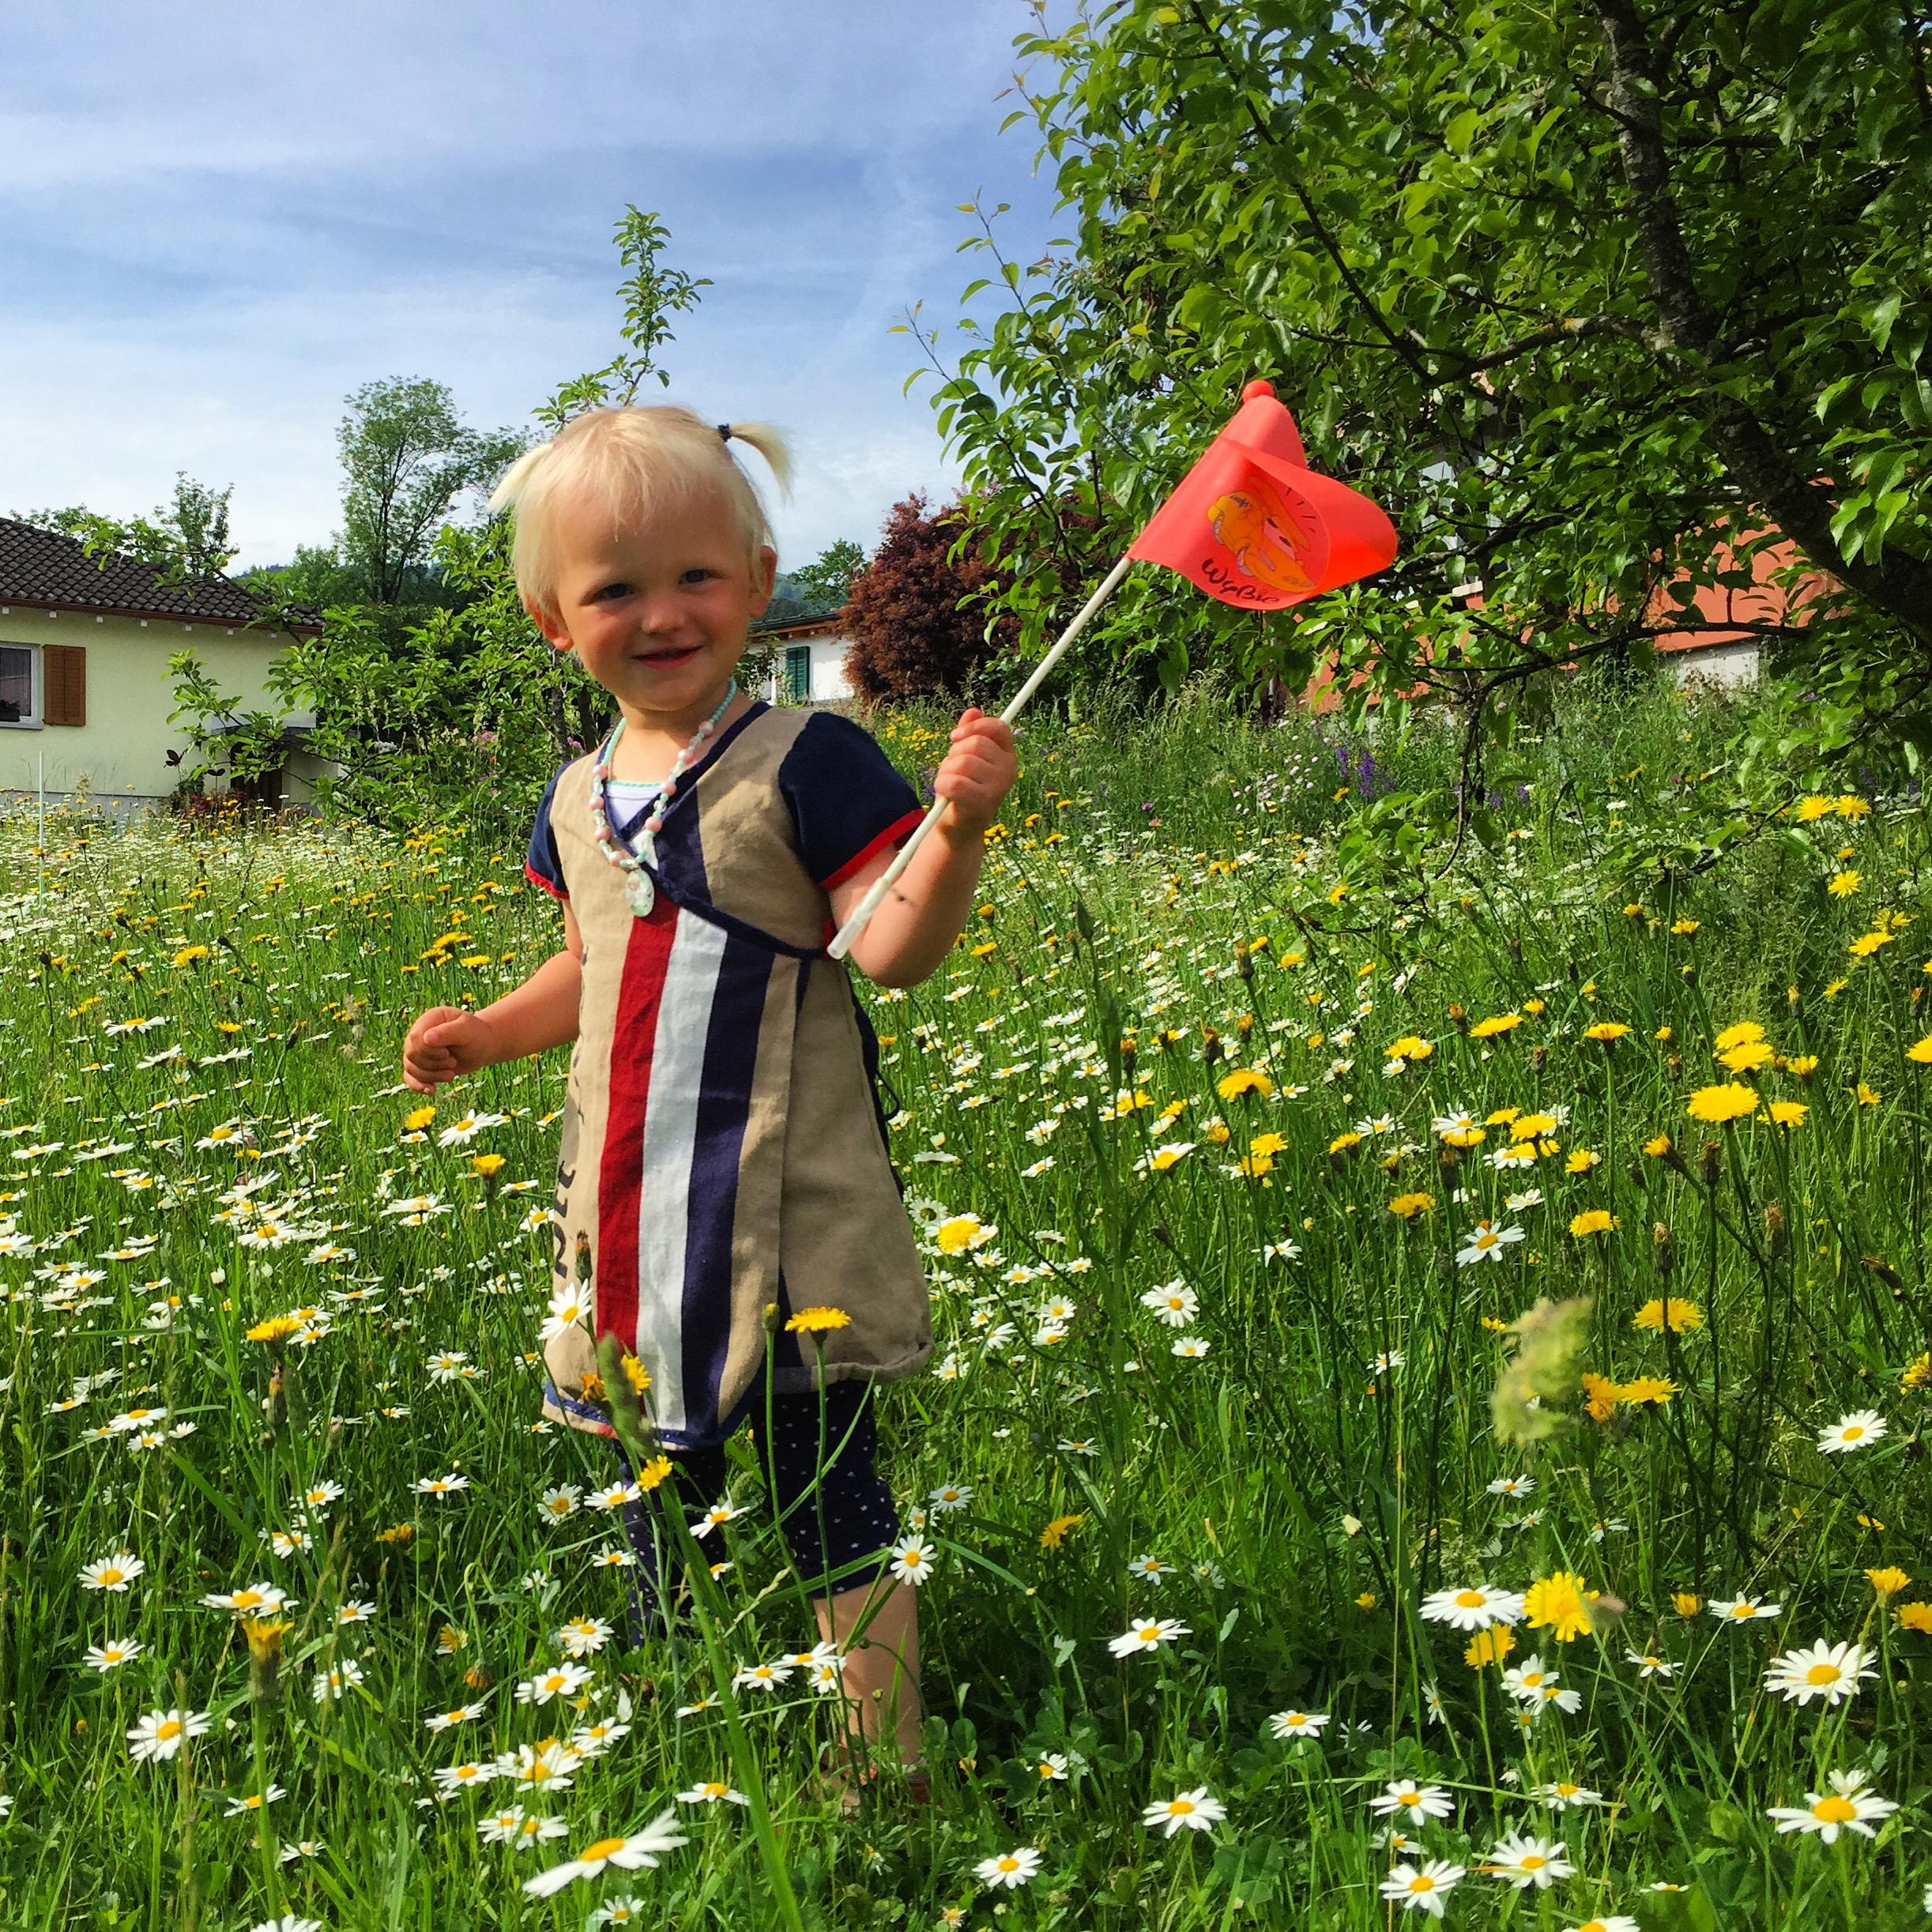 Vrijdagochtend hebben wij een heel vrolijk meisje. Helemaal in de Hollandse sferen, zo schattig